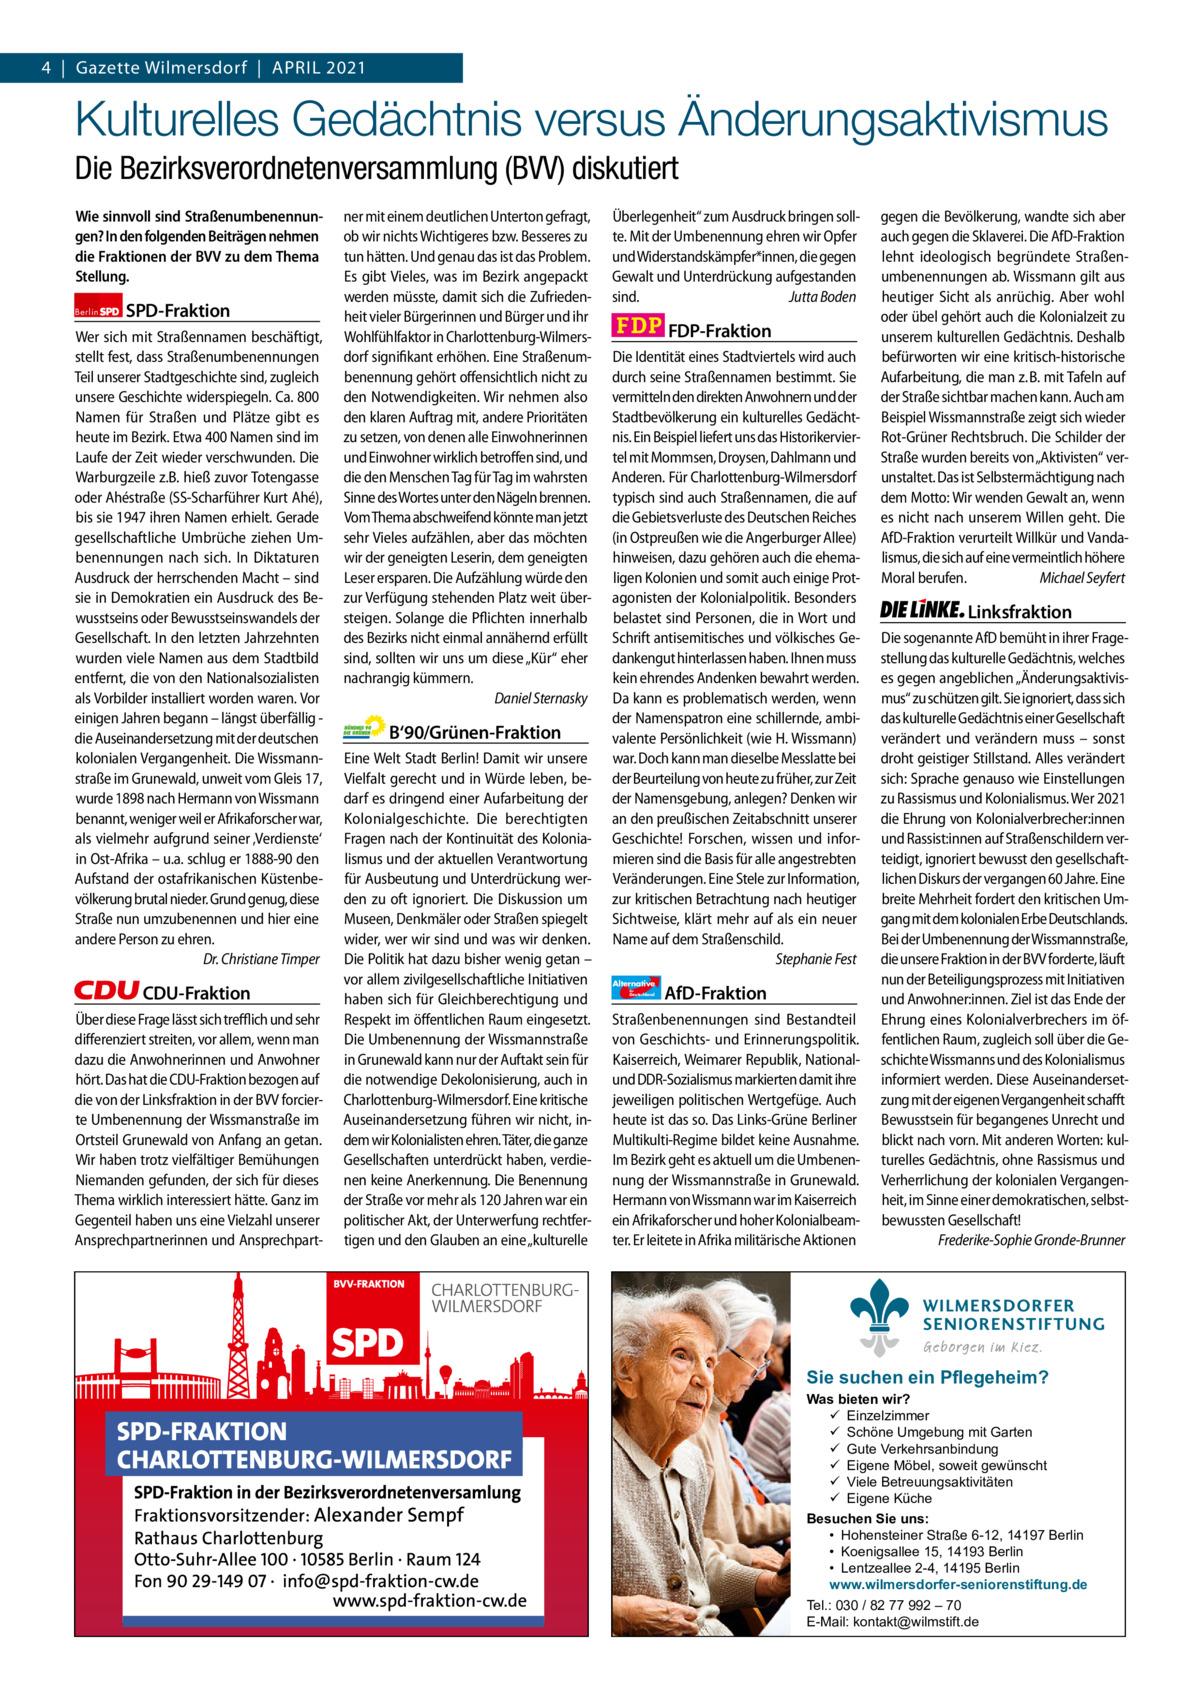 Gazette Charlottenburg & Wilmersdorf 4 4|Gazette Wilmersdorf|April 2021  www.gazette-berlin.de  Kulturelles Gedächtnis versus Änderungsaktivismus Die Bezirksverordnetenversammlung (BVV) diskutiert Wie sinnvoll sind Straßenumbenennungen? In den folgenden Beiträgen nehmen die Fraktionen der BVV zu dem Thema Stellung. Berlin  SPD-Fraktion  Wer sich mit Straßennamen beschäftigt, stellt fest, dass Straßenumbenennungen Teil unserer Stadtgeschichte sind, zugleich unsere Geschichte widerspiegeln. Ca. 800 Namen für Straßen und Plätze gibt es heute im Bezirk. Etwa 400 Namen sind im Laufe der Zeit wieder verschwunden. Die Warburgzeile z.B. hieß zuvor Totengasse oder Ahéstraße (SS-Scharführer Kurt Ahé), bis sie 1947 ihren Namen erhielt. Gerade gesellschaftliche Umbrüche ziehen Umbenennungen nach sich. In Diktaturen Ausdruck der herrschenden Macht – sind sie in Demokratien ein Ausdruck des Bewusstseins oder Bewusstseinswandels der Gesellschaft. In den letzten Jahrzehnten wurden viele Namen aus dem Stadtbild entfernt, die von den Nationalsozialisten als Vorbilder installiert worden waren. Vor einigen Jahren begann – längst überfällig die Auseinandersetzung mit der deutschen kolonialen Vergangenheit. Die Wissmannstraße im Grunewald, unweit vom Gleis 17, wurde 1898 nach Hermann von Wissmann benannt, weniger weil er Afrikaforscher war, als vielmehr aufgrund seiner 'Verdienste' in Ost-Afrika – u.a. schlug er 1888-90 den Aufstand der ostafrikanischen Küstenbevölkerung brutal nieder. Grund genug, diese Straße nun umzubenennen und hier eine andere Person zu ehren. Dr. Christiane Timper  CDU-Fraktion Über diese Frage lässt sich trefflich und sehr differenziert streiten, vor allem, wenn man dazu die Anwohnerinnen und Anwohner hört. Das hat die CDU-Fraktion bezogen auf die von der Linksfraktion in der BVV forcierte Umbenennung der Wissmanstraße im Ortsteil Grunewald von Anfang an getan. Wir haben trotz vielfältiger Bemühungen Niemanden gefunden, der sich für dieses Thema wirklich interessi